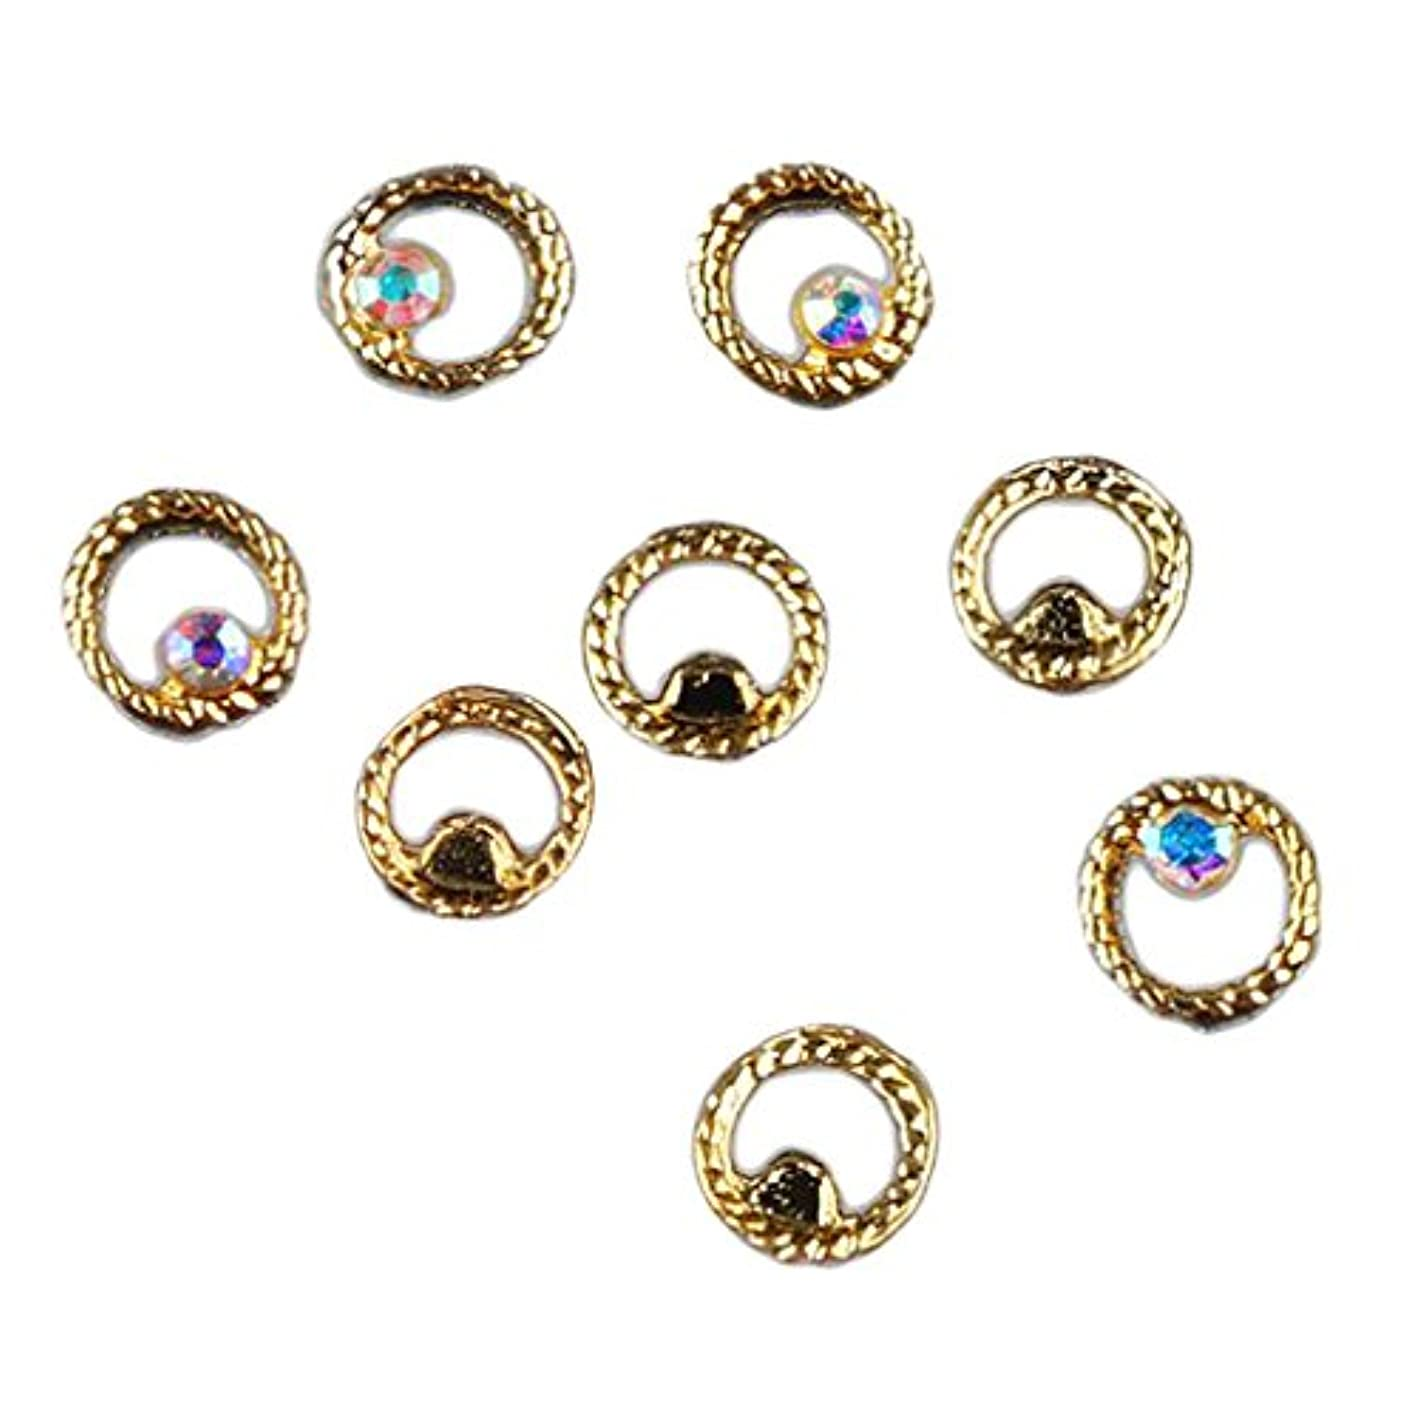 Kesoto マニキュア ダイヤモンド 約50個 3Dネイルアート ヒントステッカー 装飾 全8タイプ選べ - 3